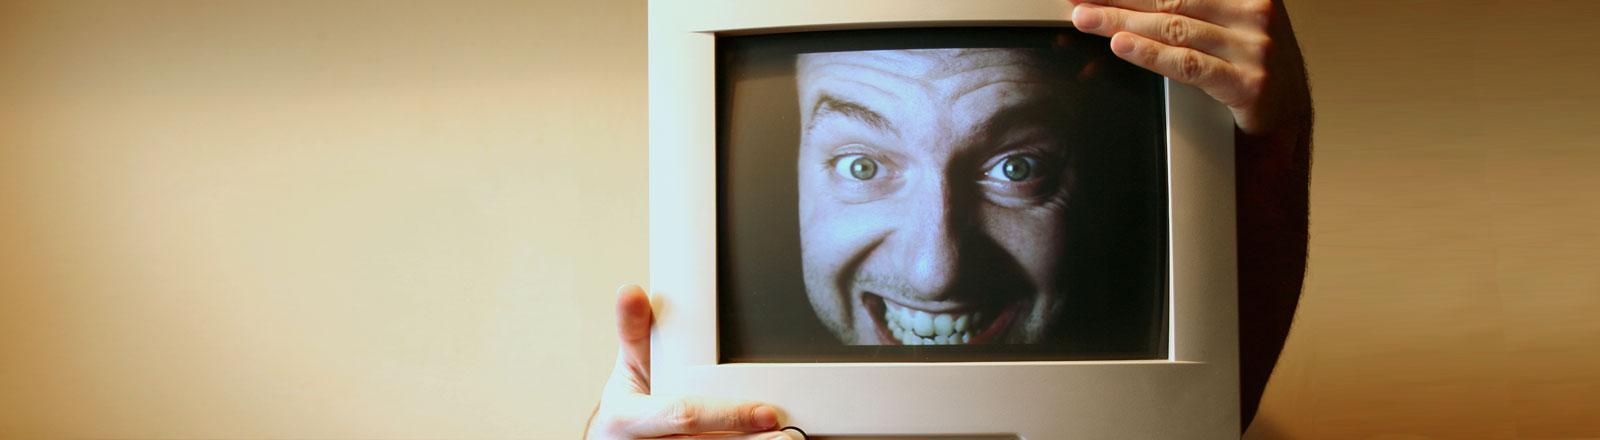 Das Gesicht eines lachenden Mannes auf einem Computerbildschirm